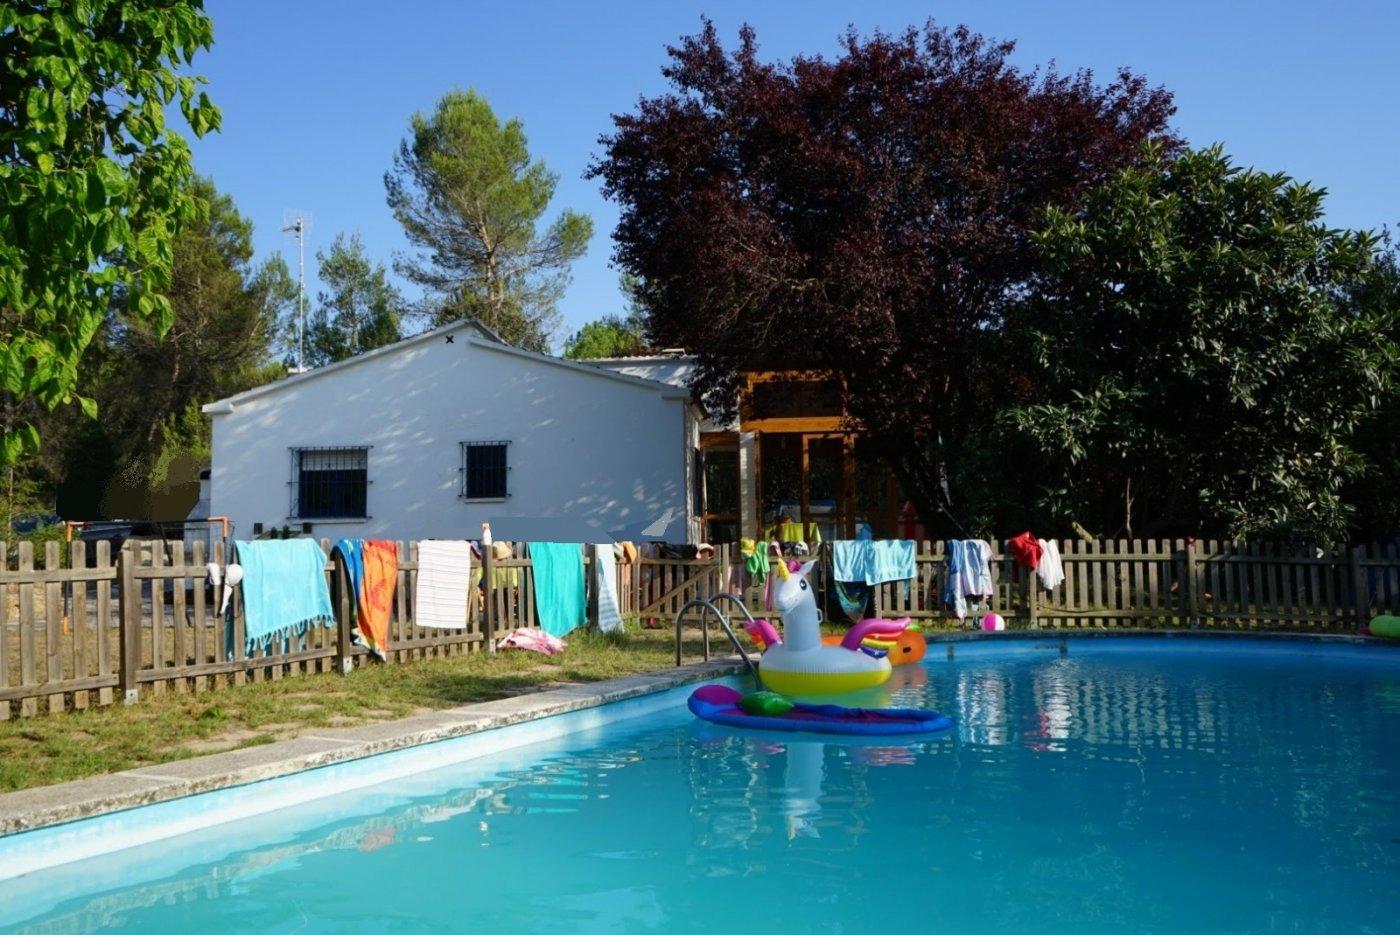 casa a la venta en plena naturaleza con piscina y barbacoa en sant salvador de guardiola